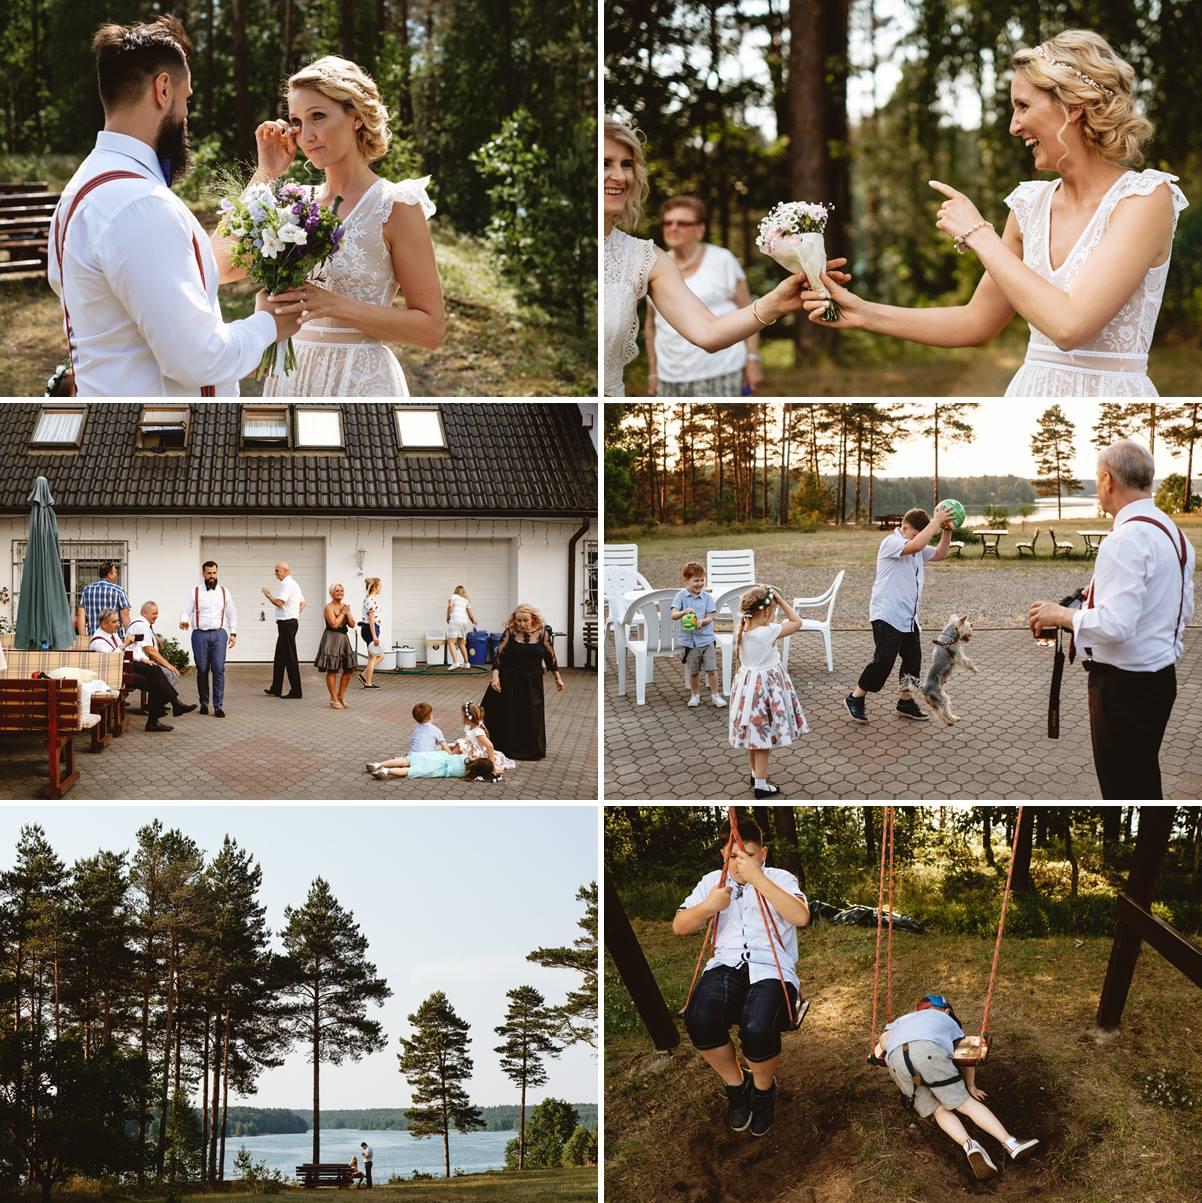 czym jest slow wedding